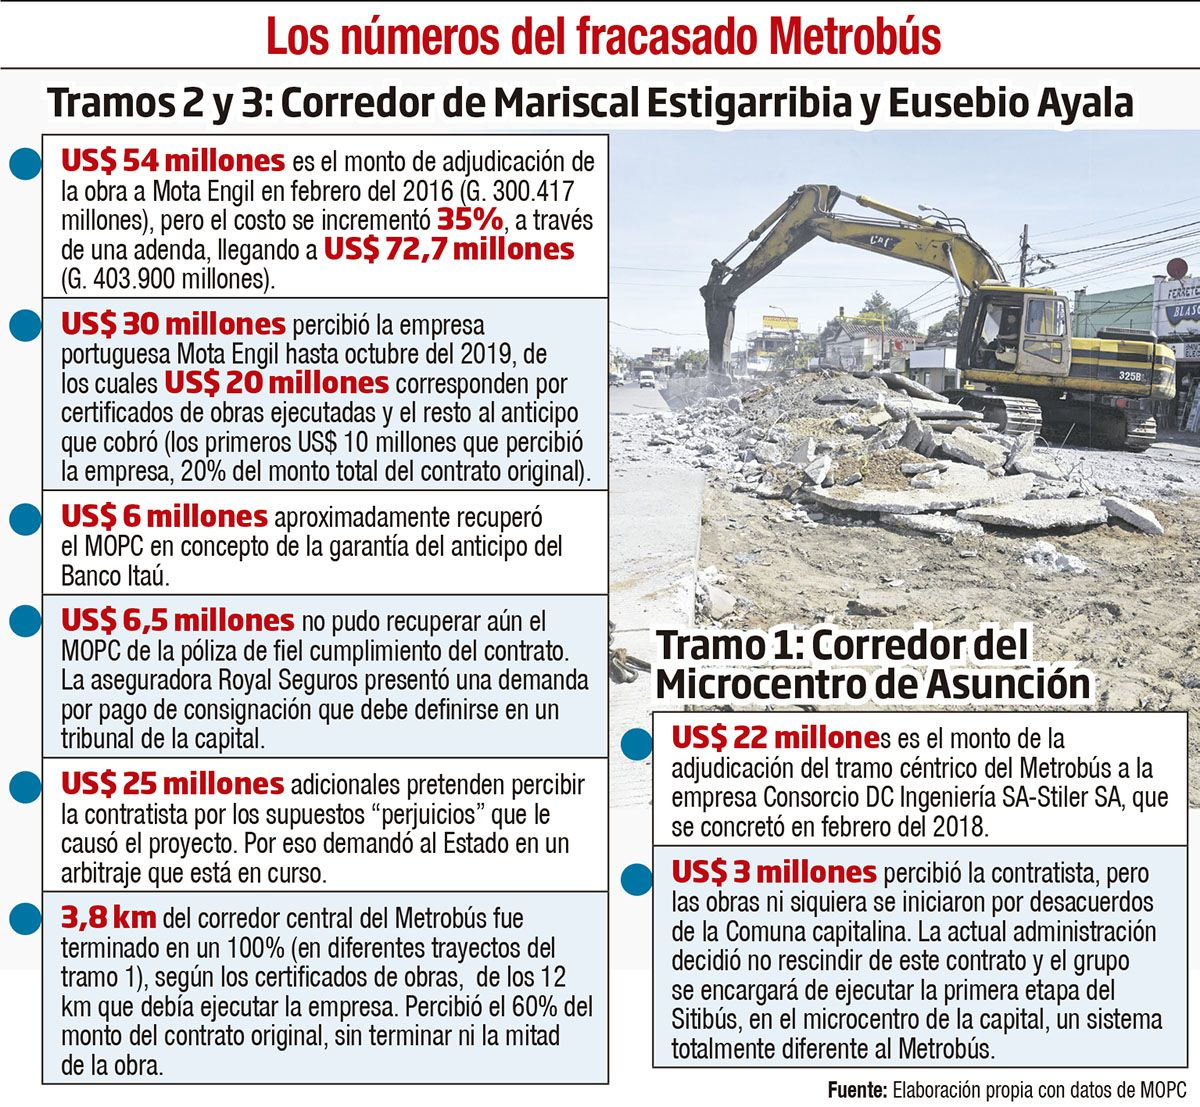 LOS NÚMEROS DEL FRACASO DEL METROBÚS